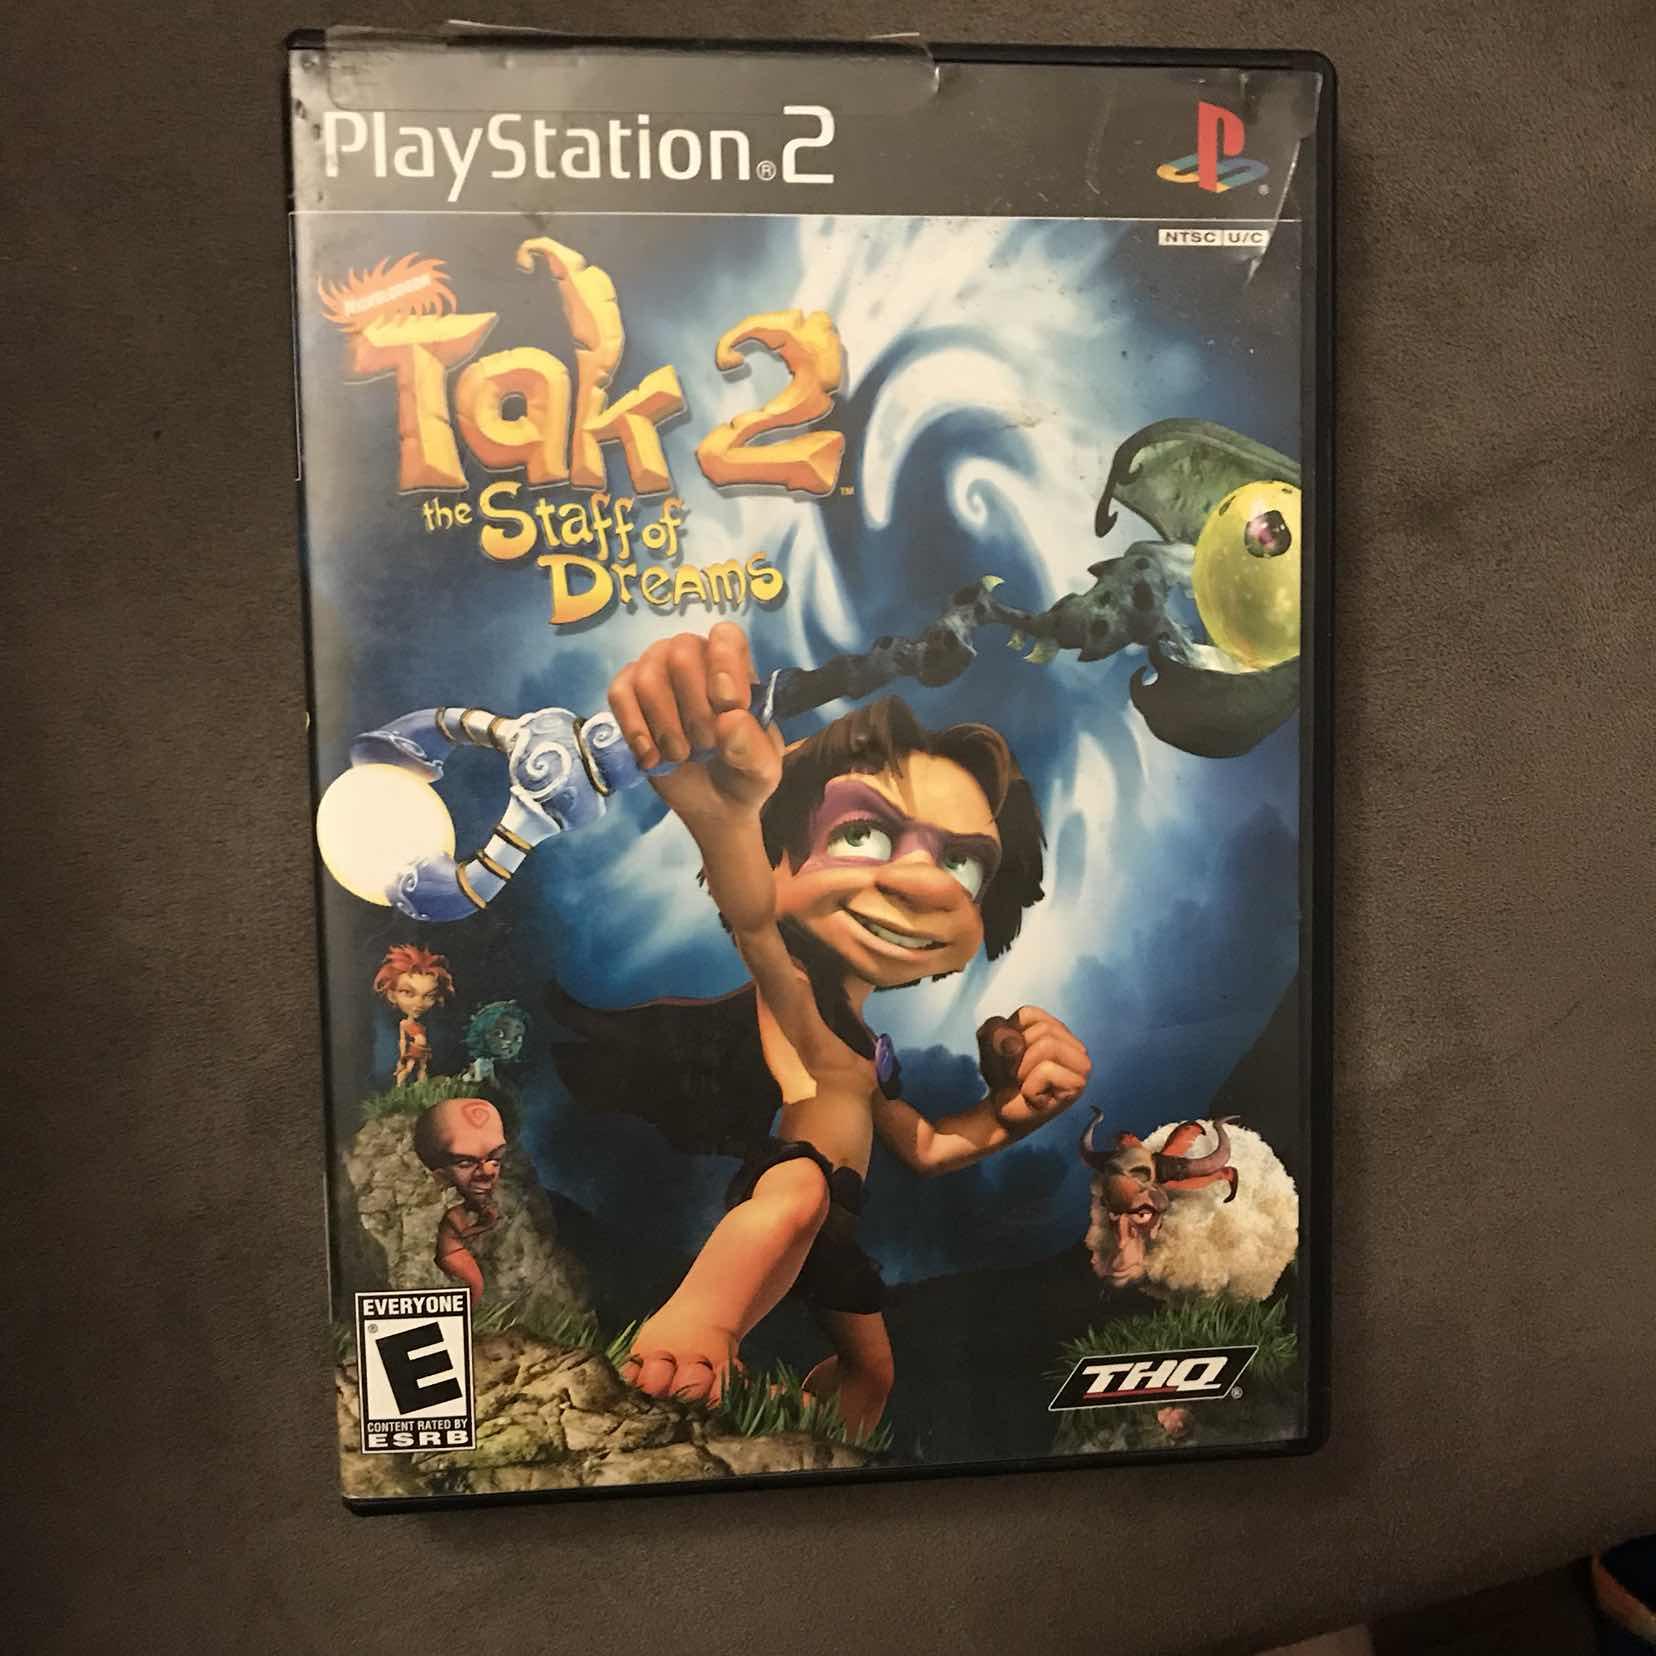 Tak 2 staff of dreams - PS2 Games (Fair) - Gameflip